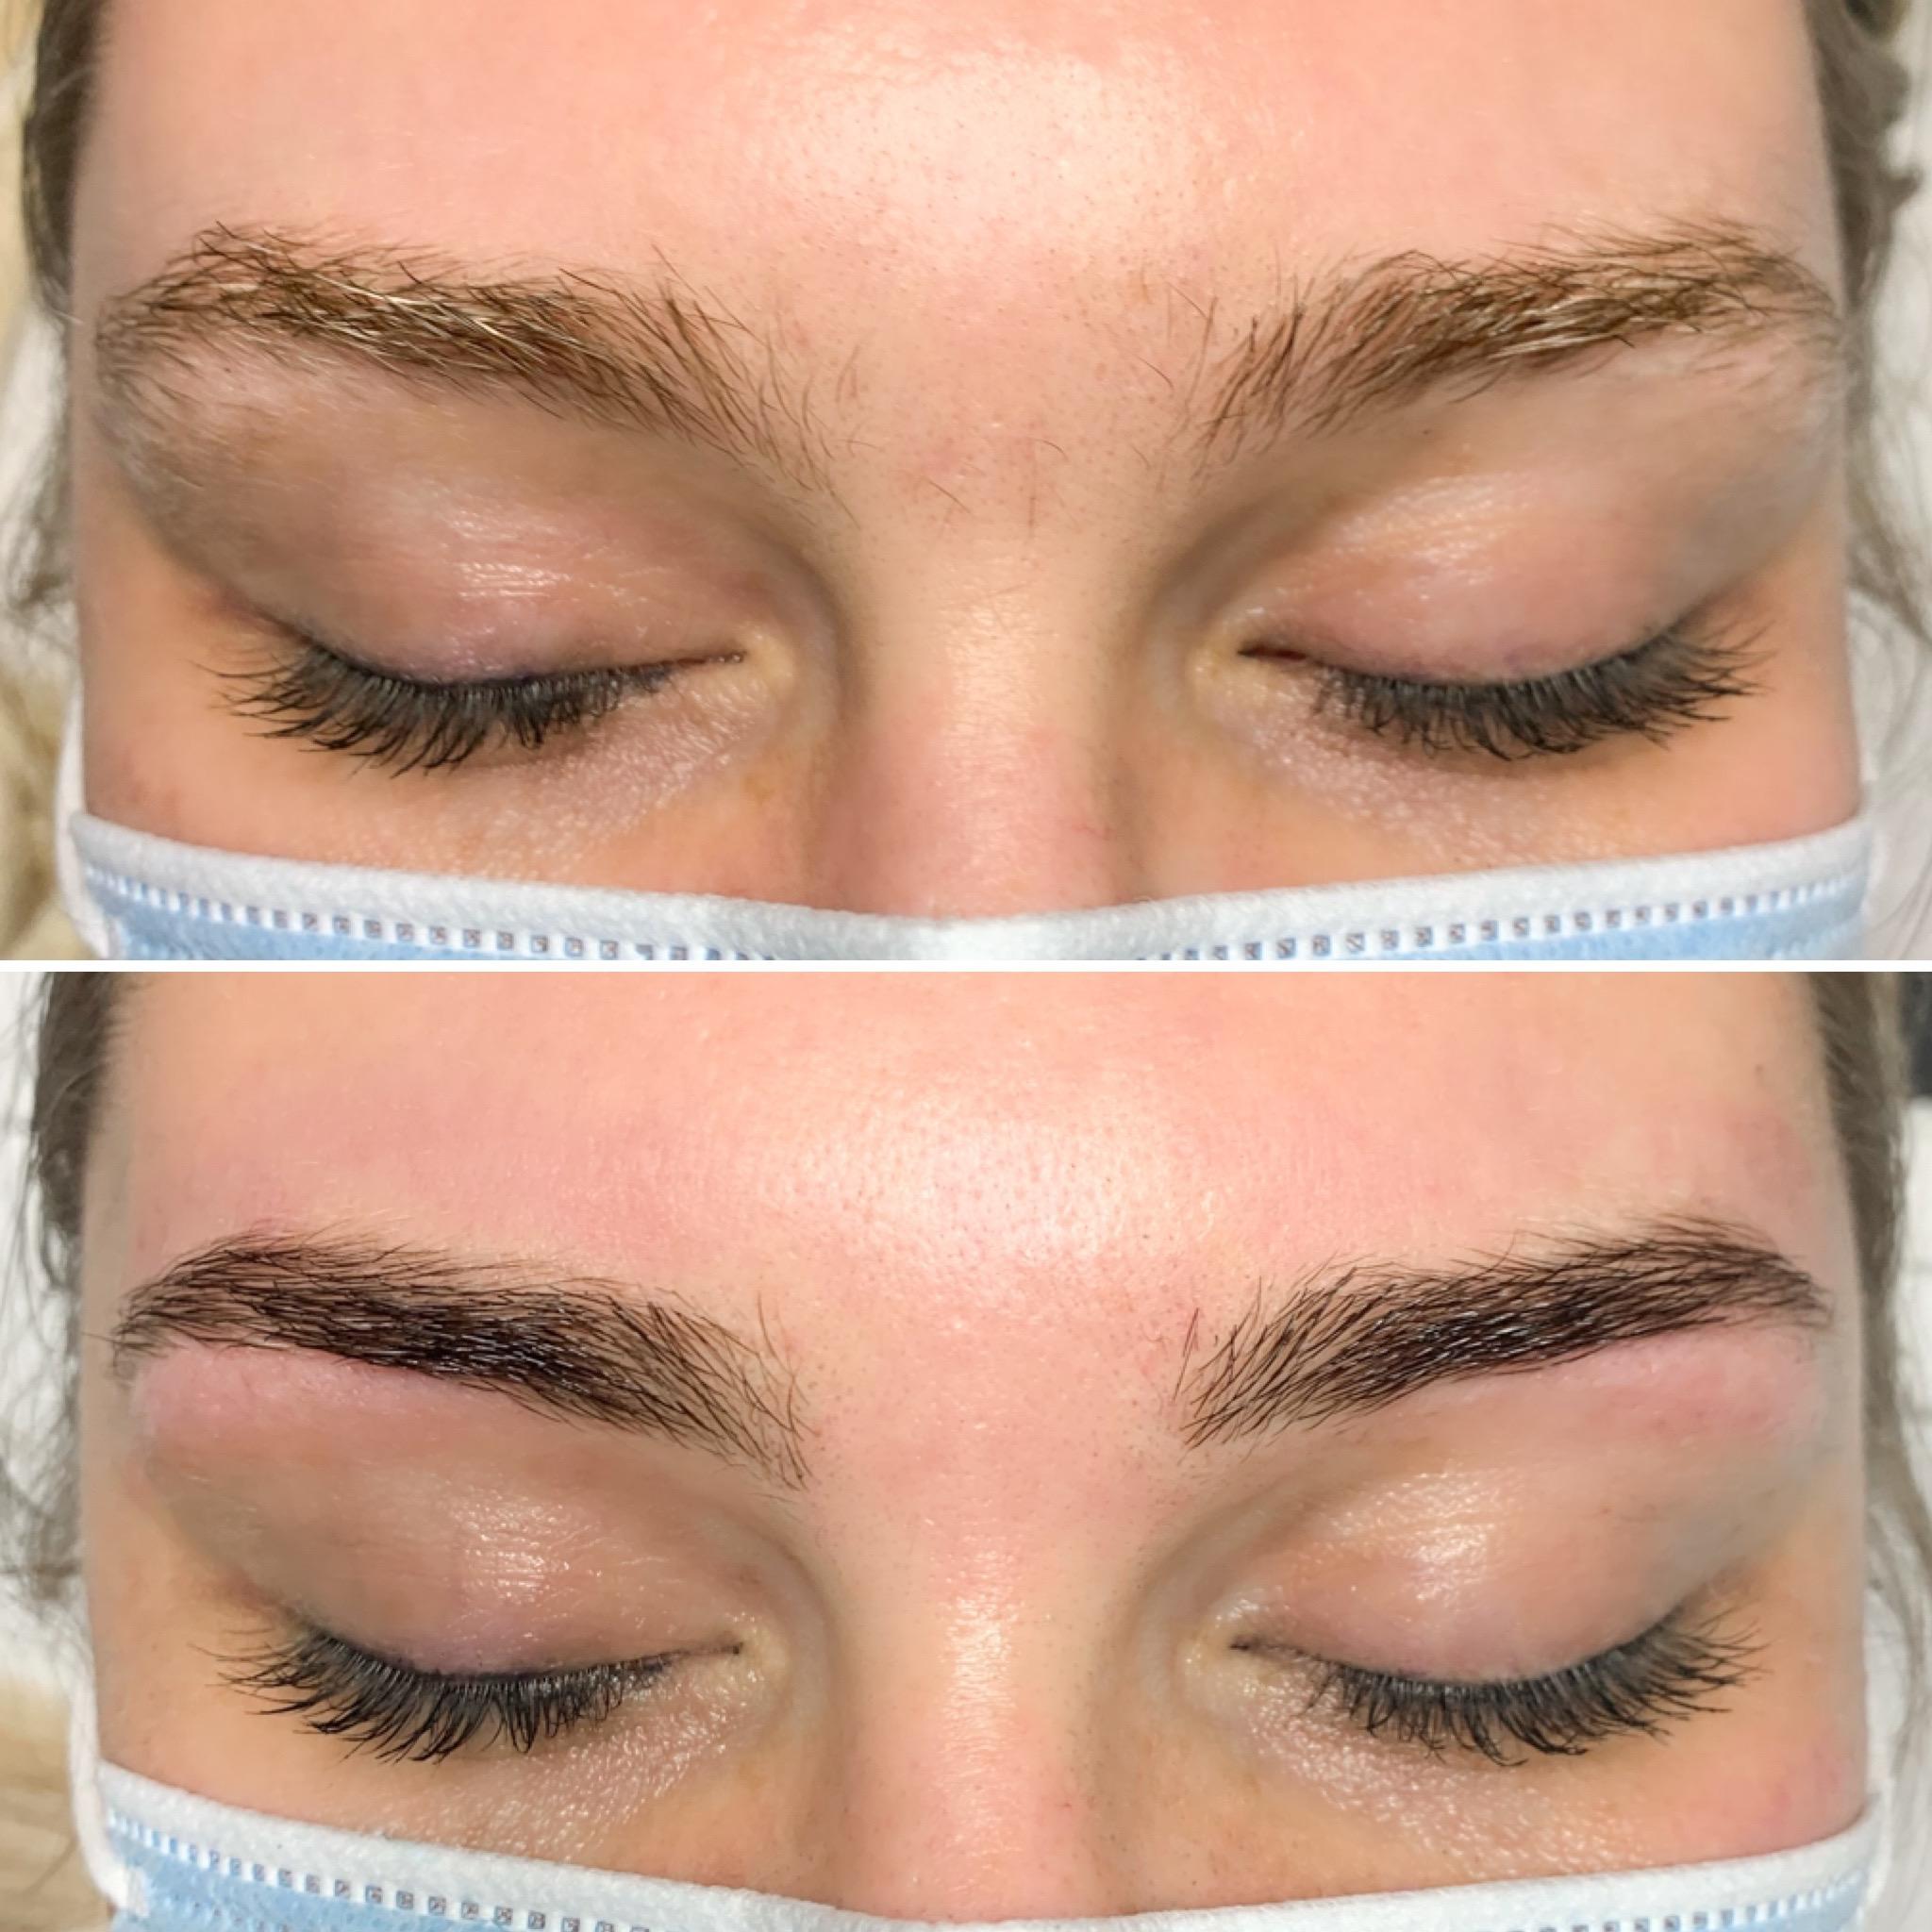 Lauren Rachael brow wax tint before after